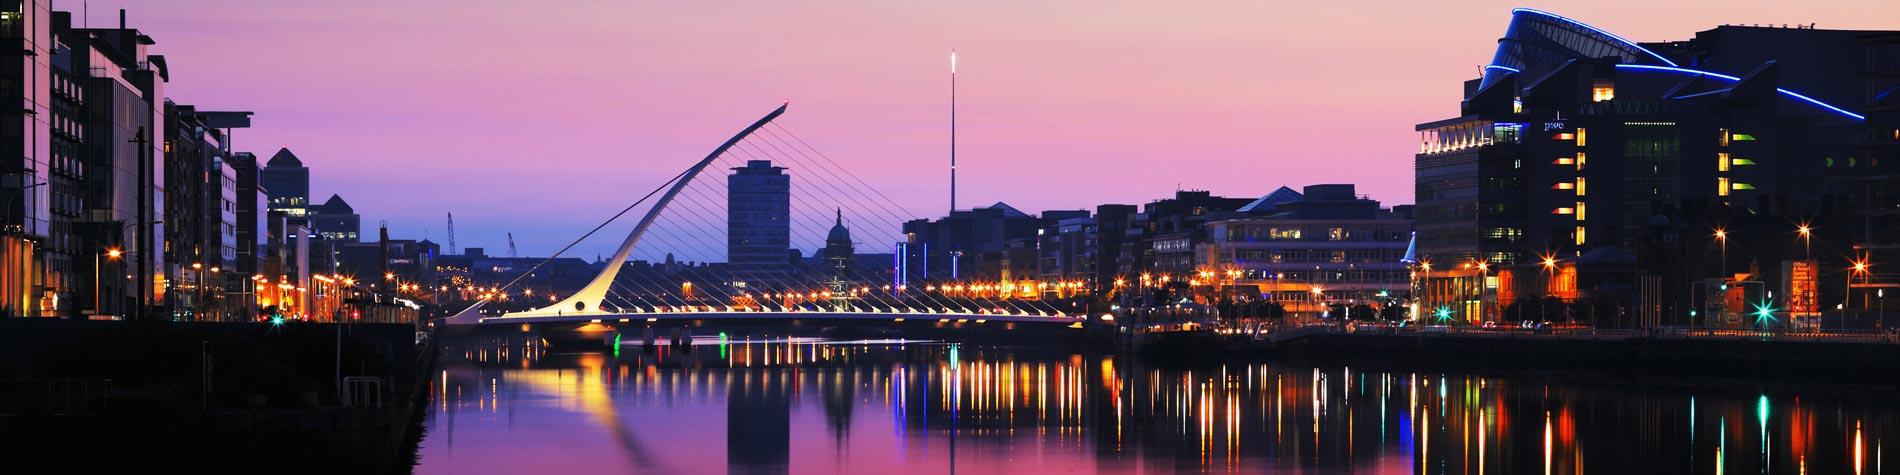 Cheap Flights To Dublin Dub Ryanair Com